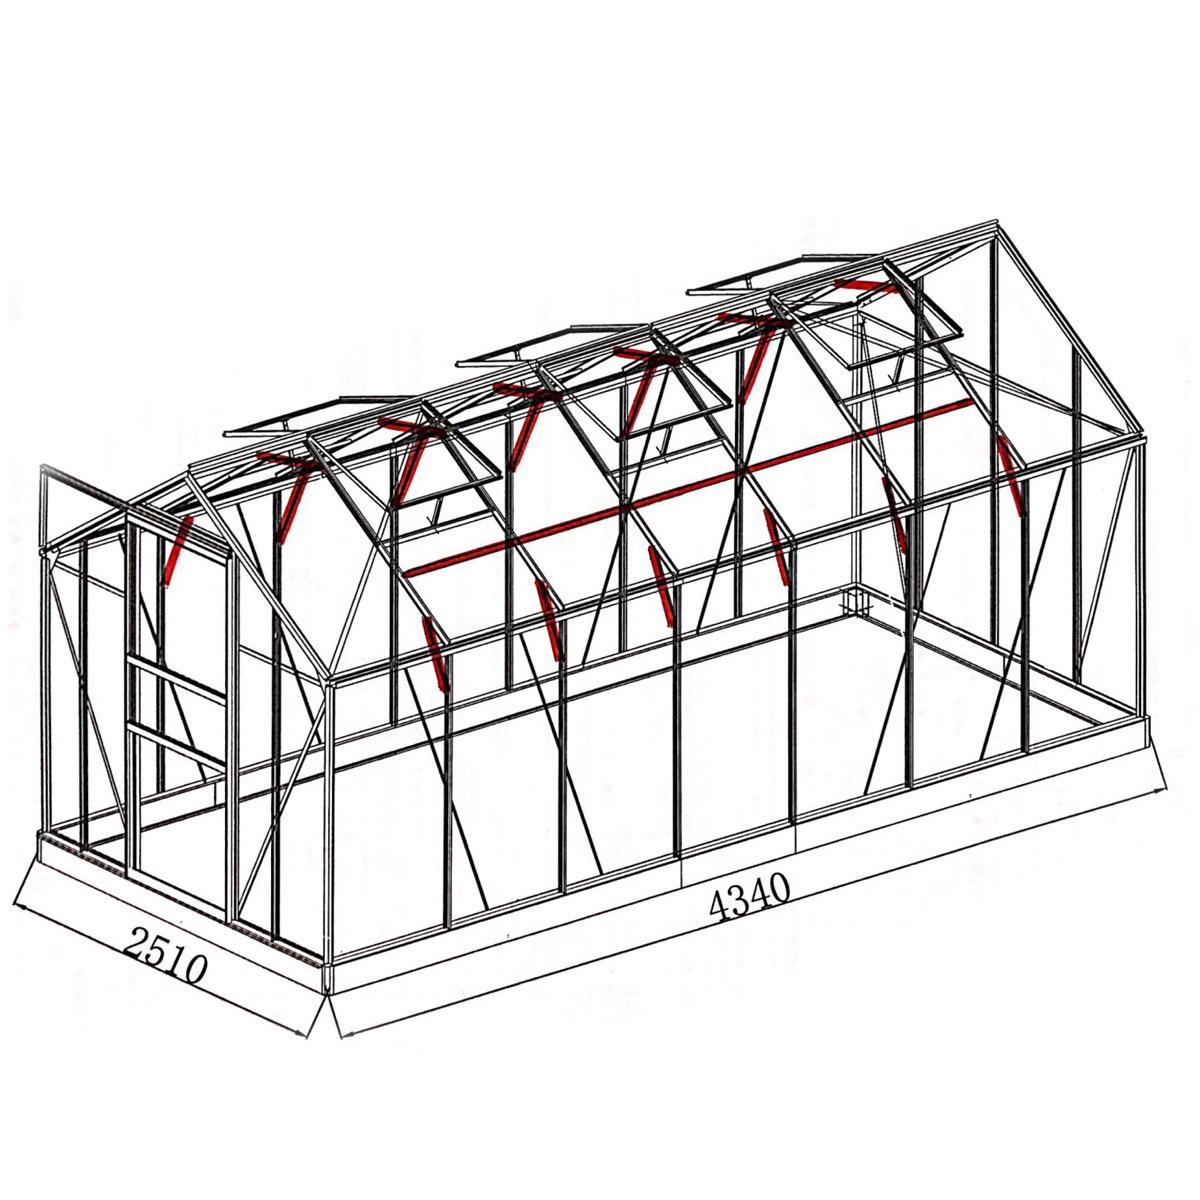 aluminium gew chshaus mit stahlfundament 17 2 m treibhaus glashaus 6mm platten 4260110181976 ebay. Black Bedroom Furniture Sets. Home Design Ideas